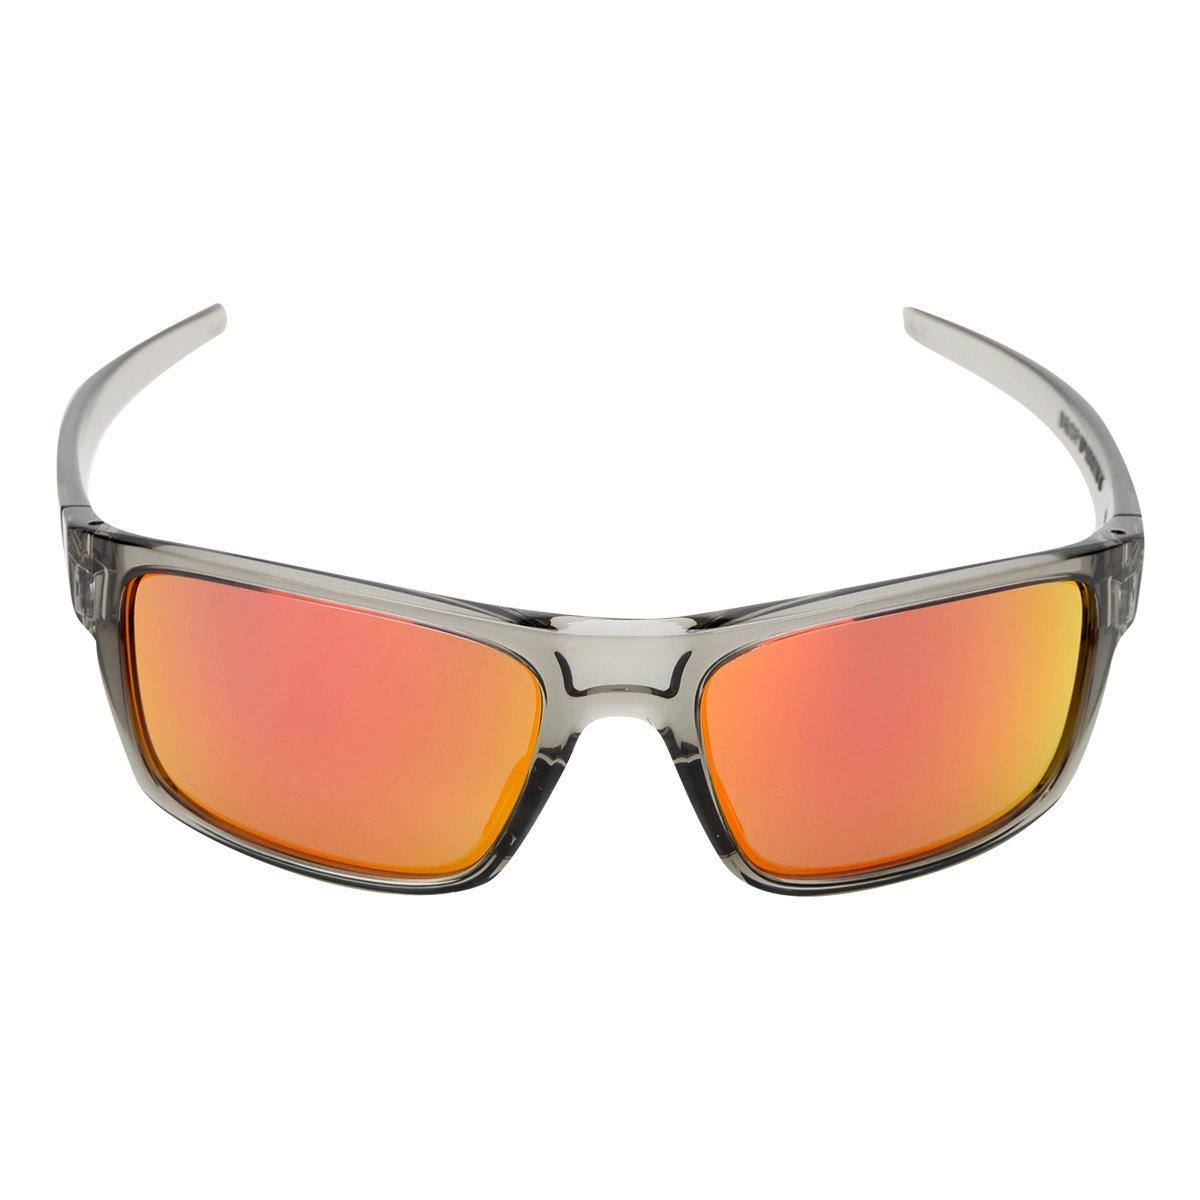 Óculos de Sol Oakley Drop Point Masculino - Cinza - Compre Agora ... 5cb72a4c85